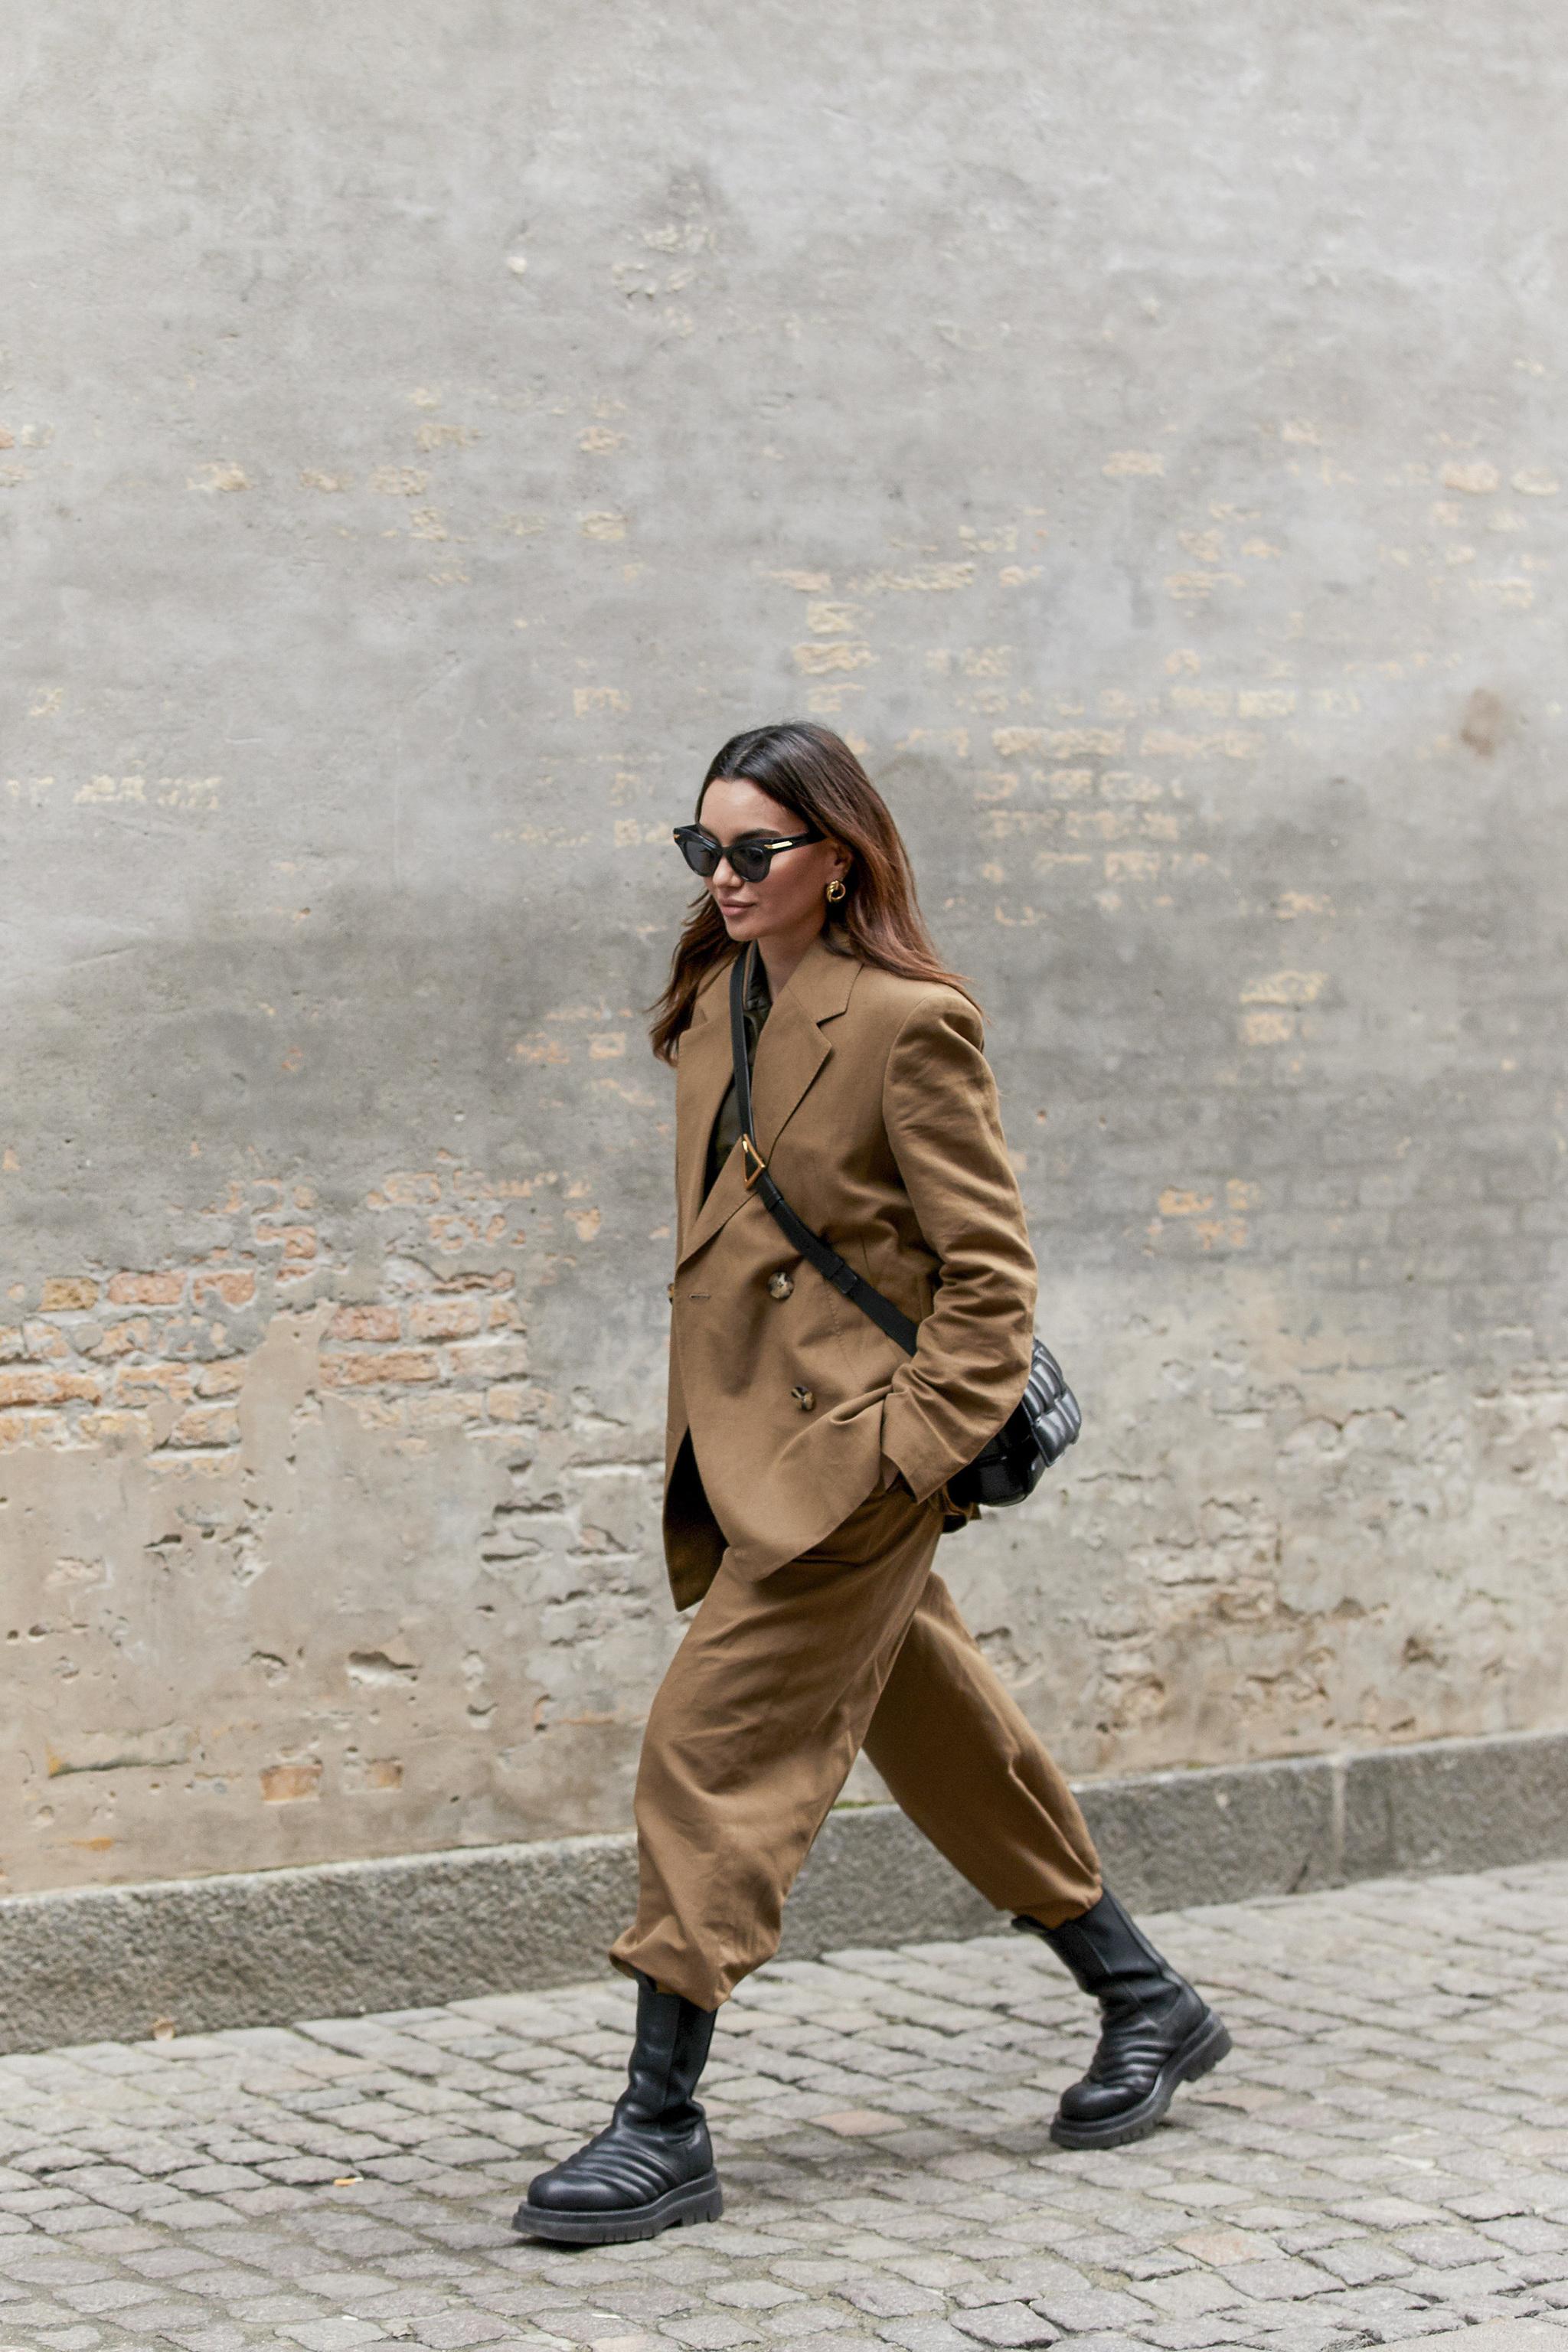 Invitada en la Copenhague Fashion Week